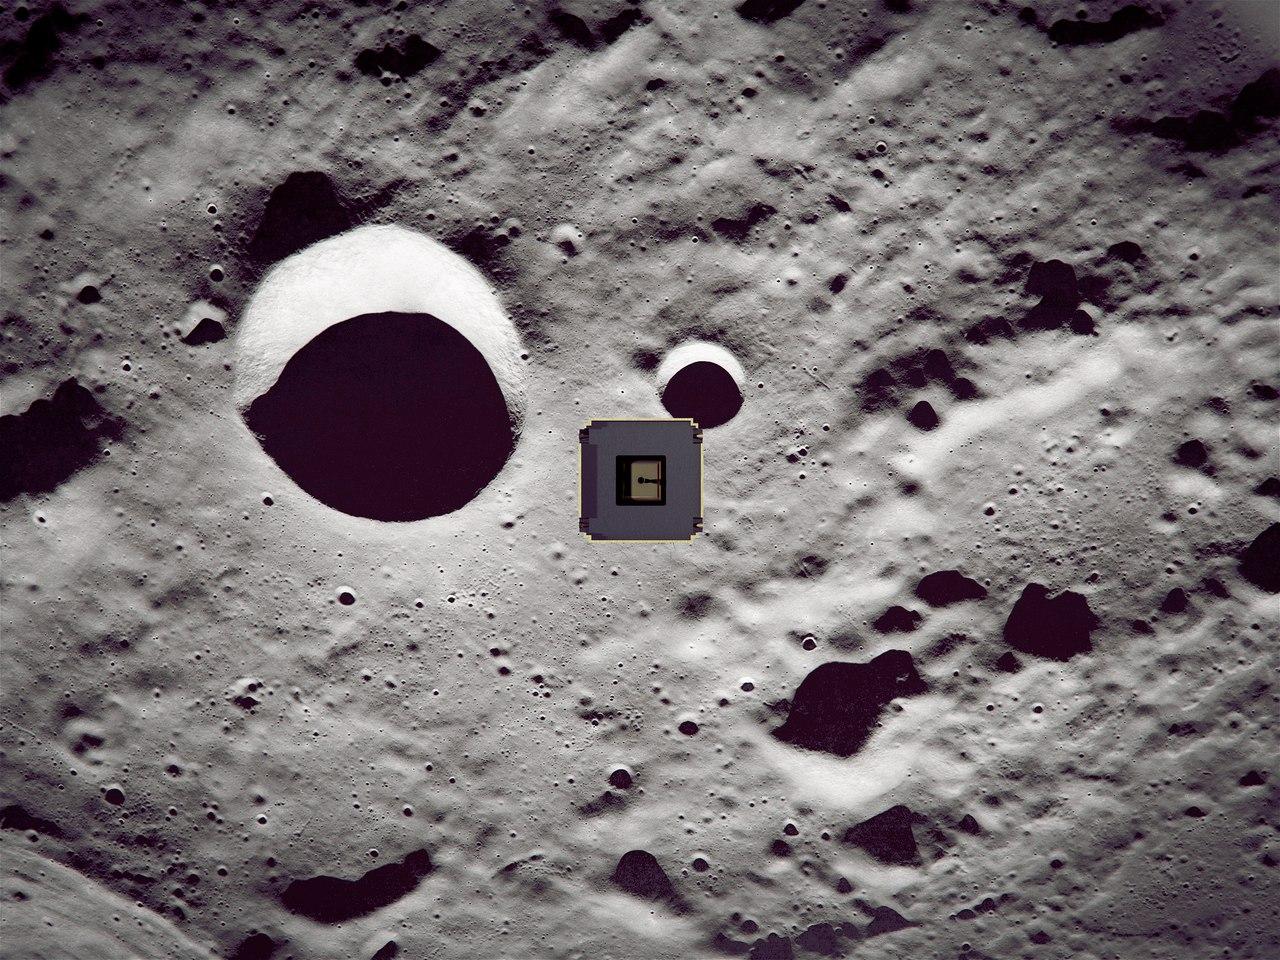 Проект лунного микроспутника: вопросы и ответы - 1